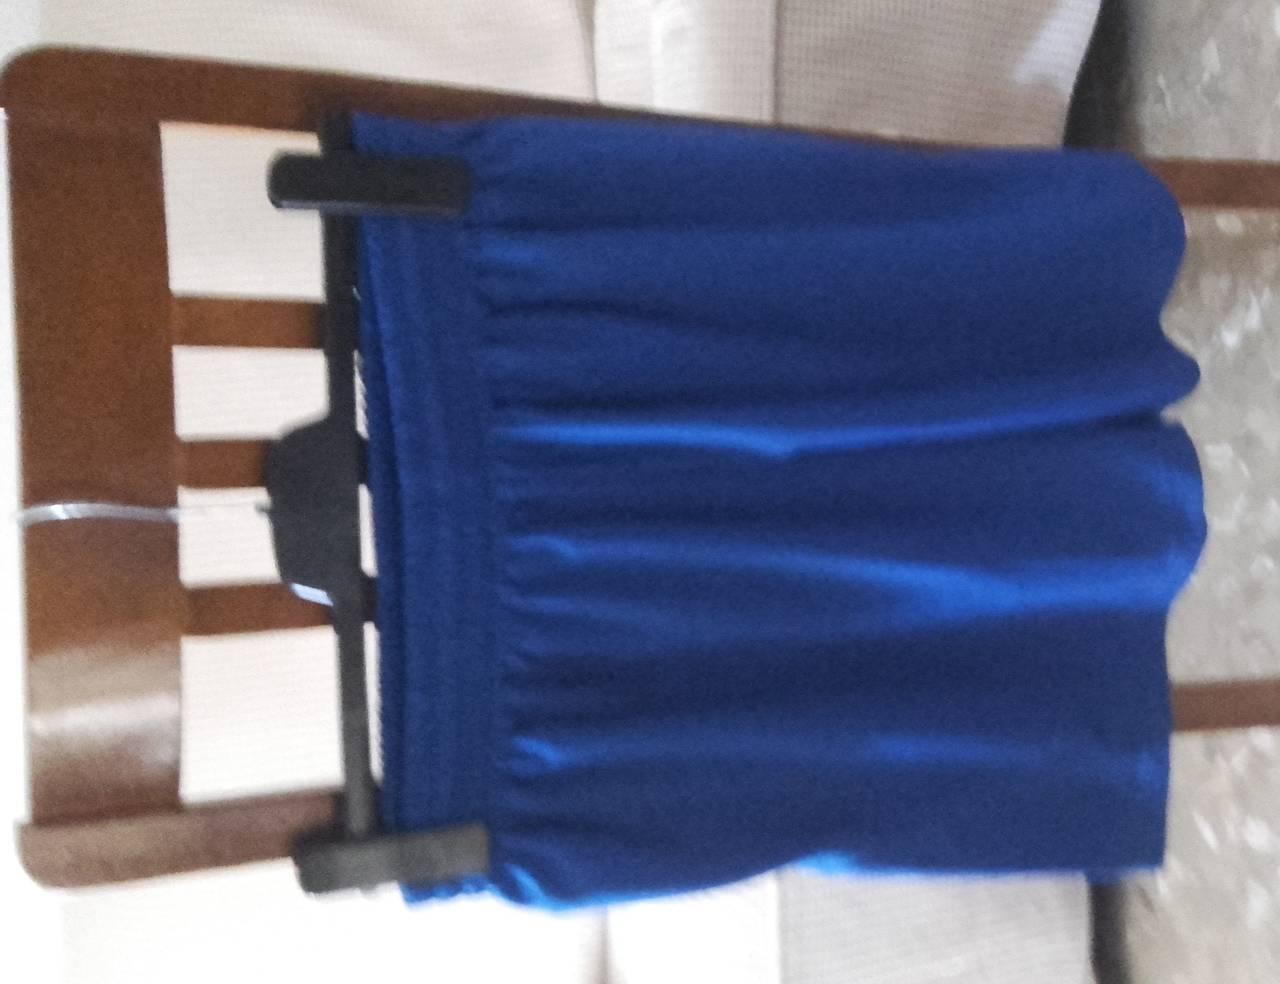 camiseta--pantalon y medias liga BBVA  - Foto 2